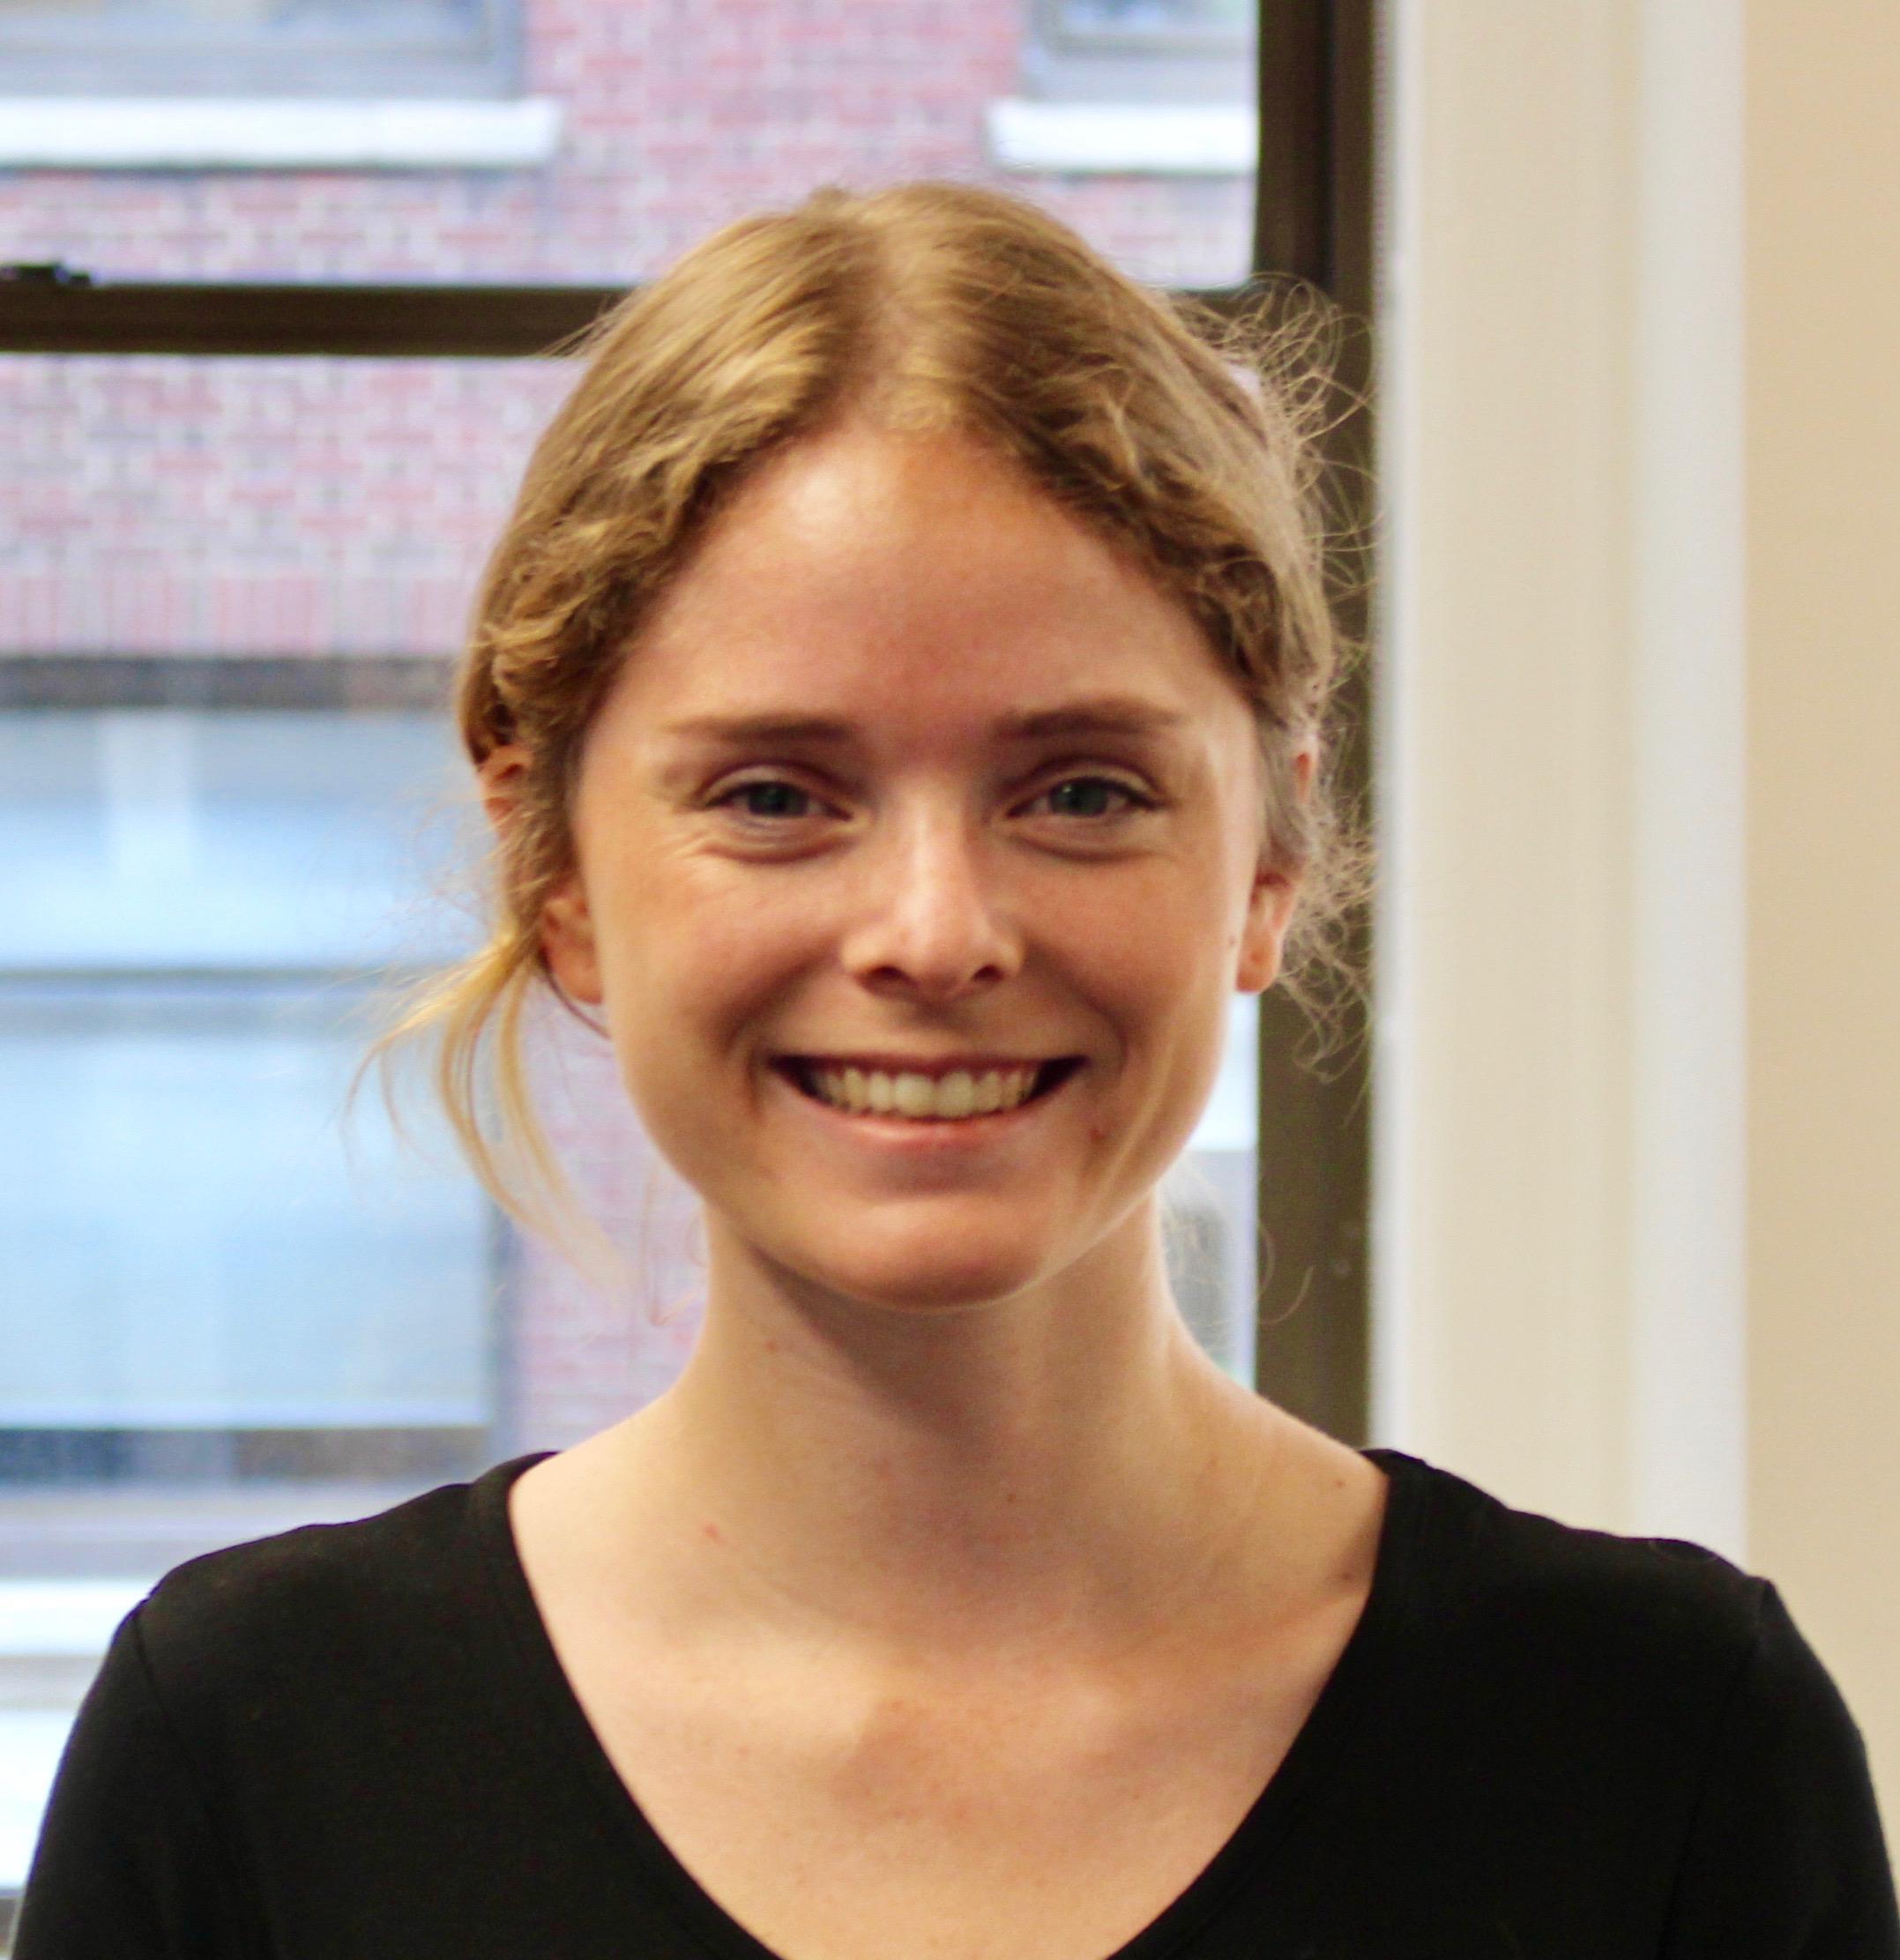 Abby Linn